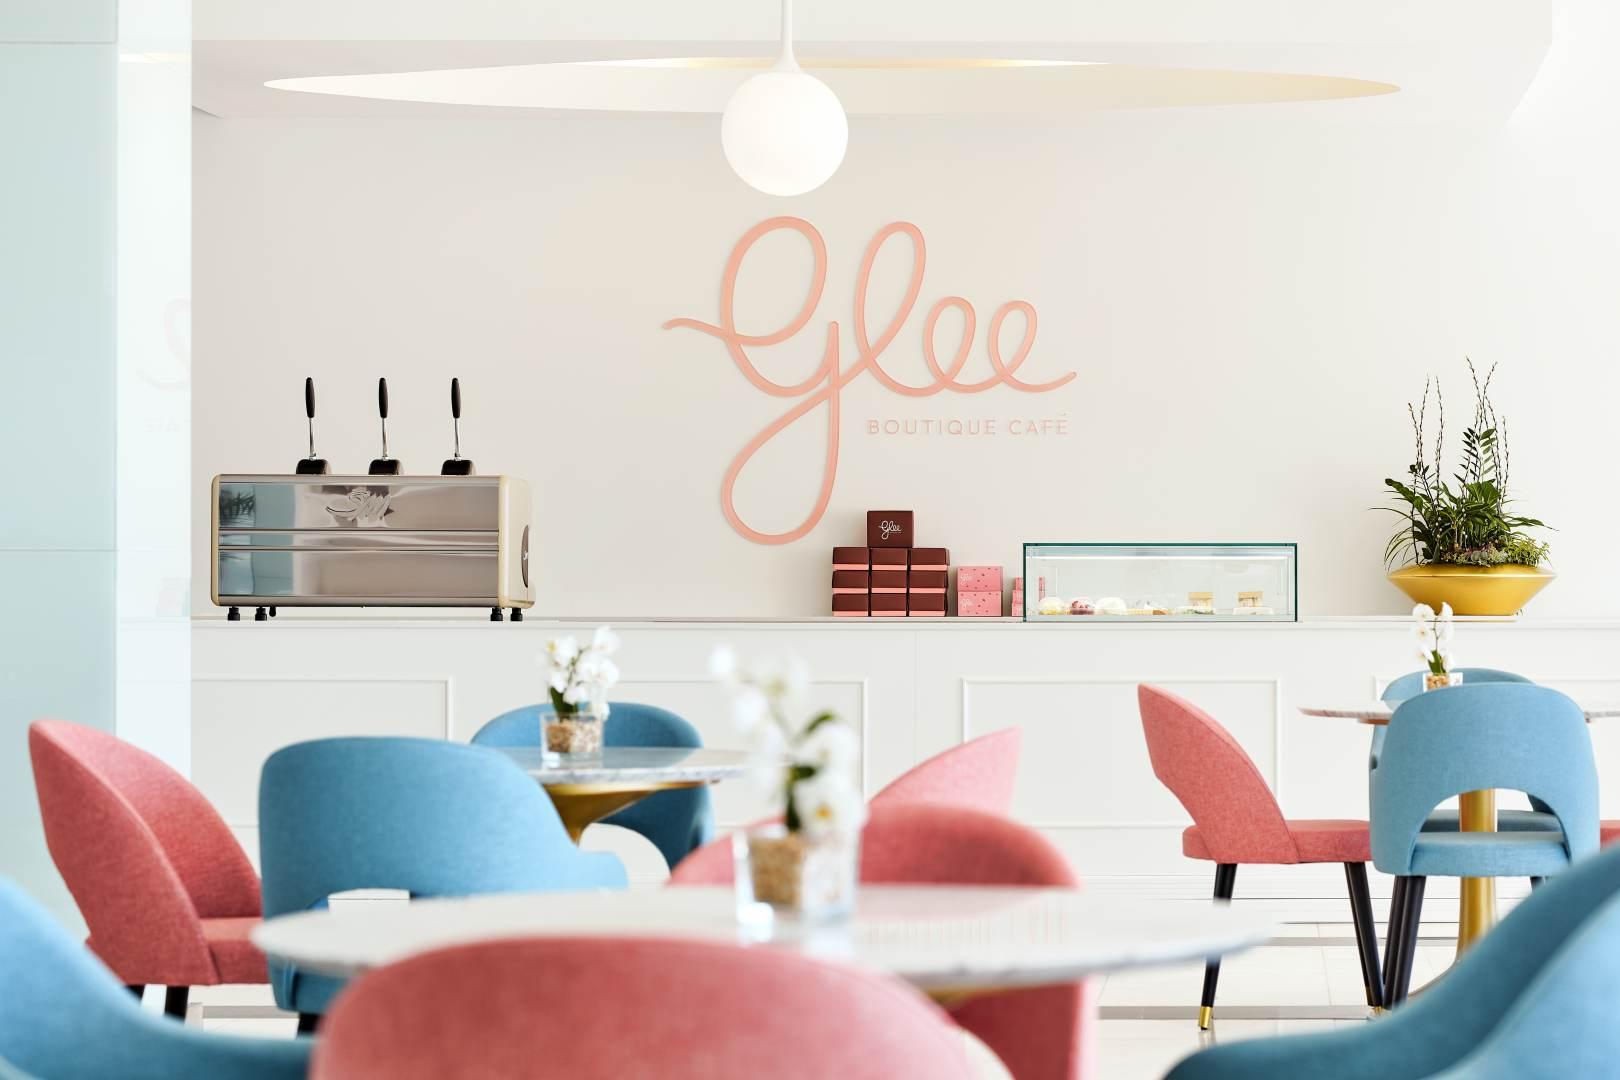 Glee Boutique Café